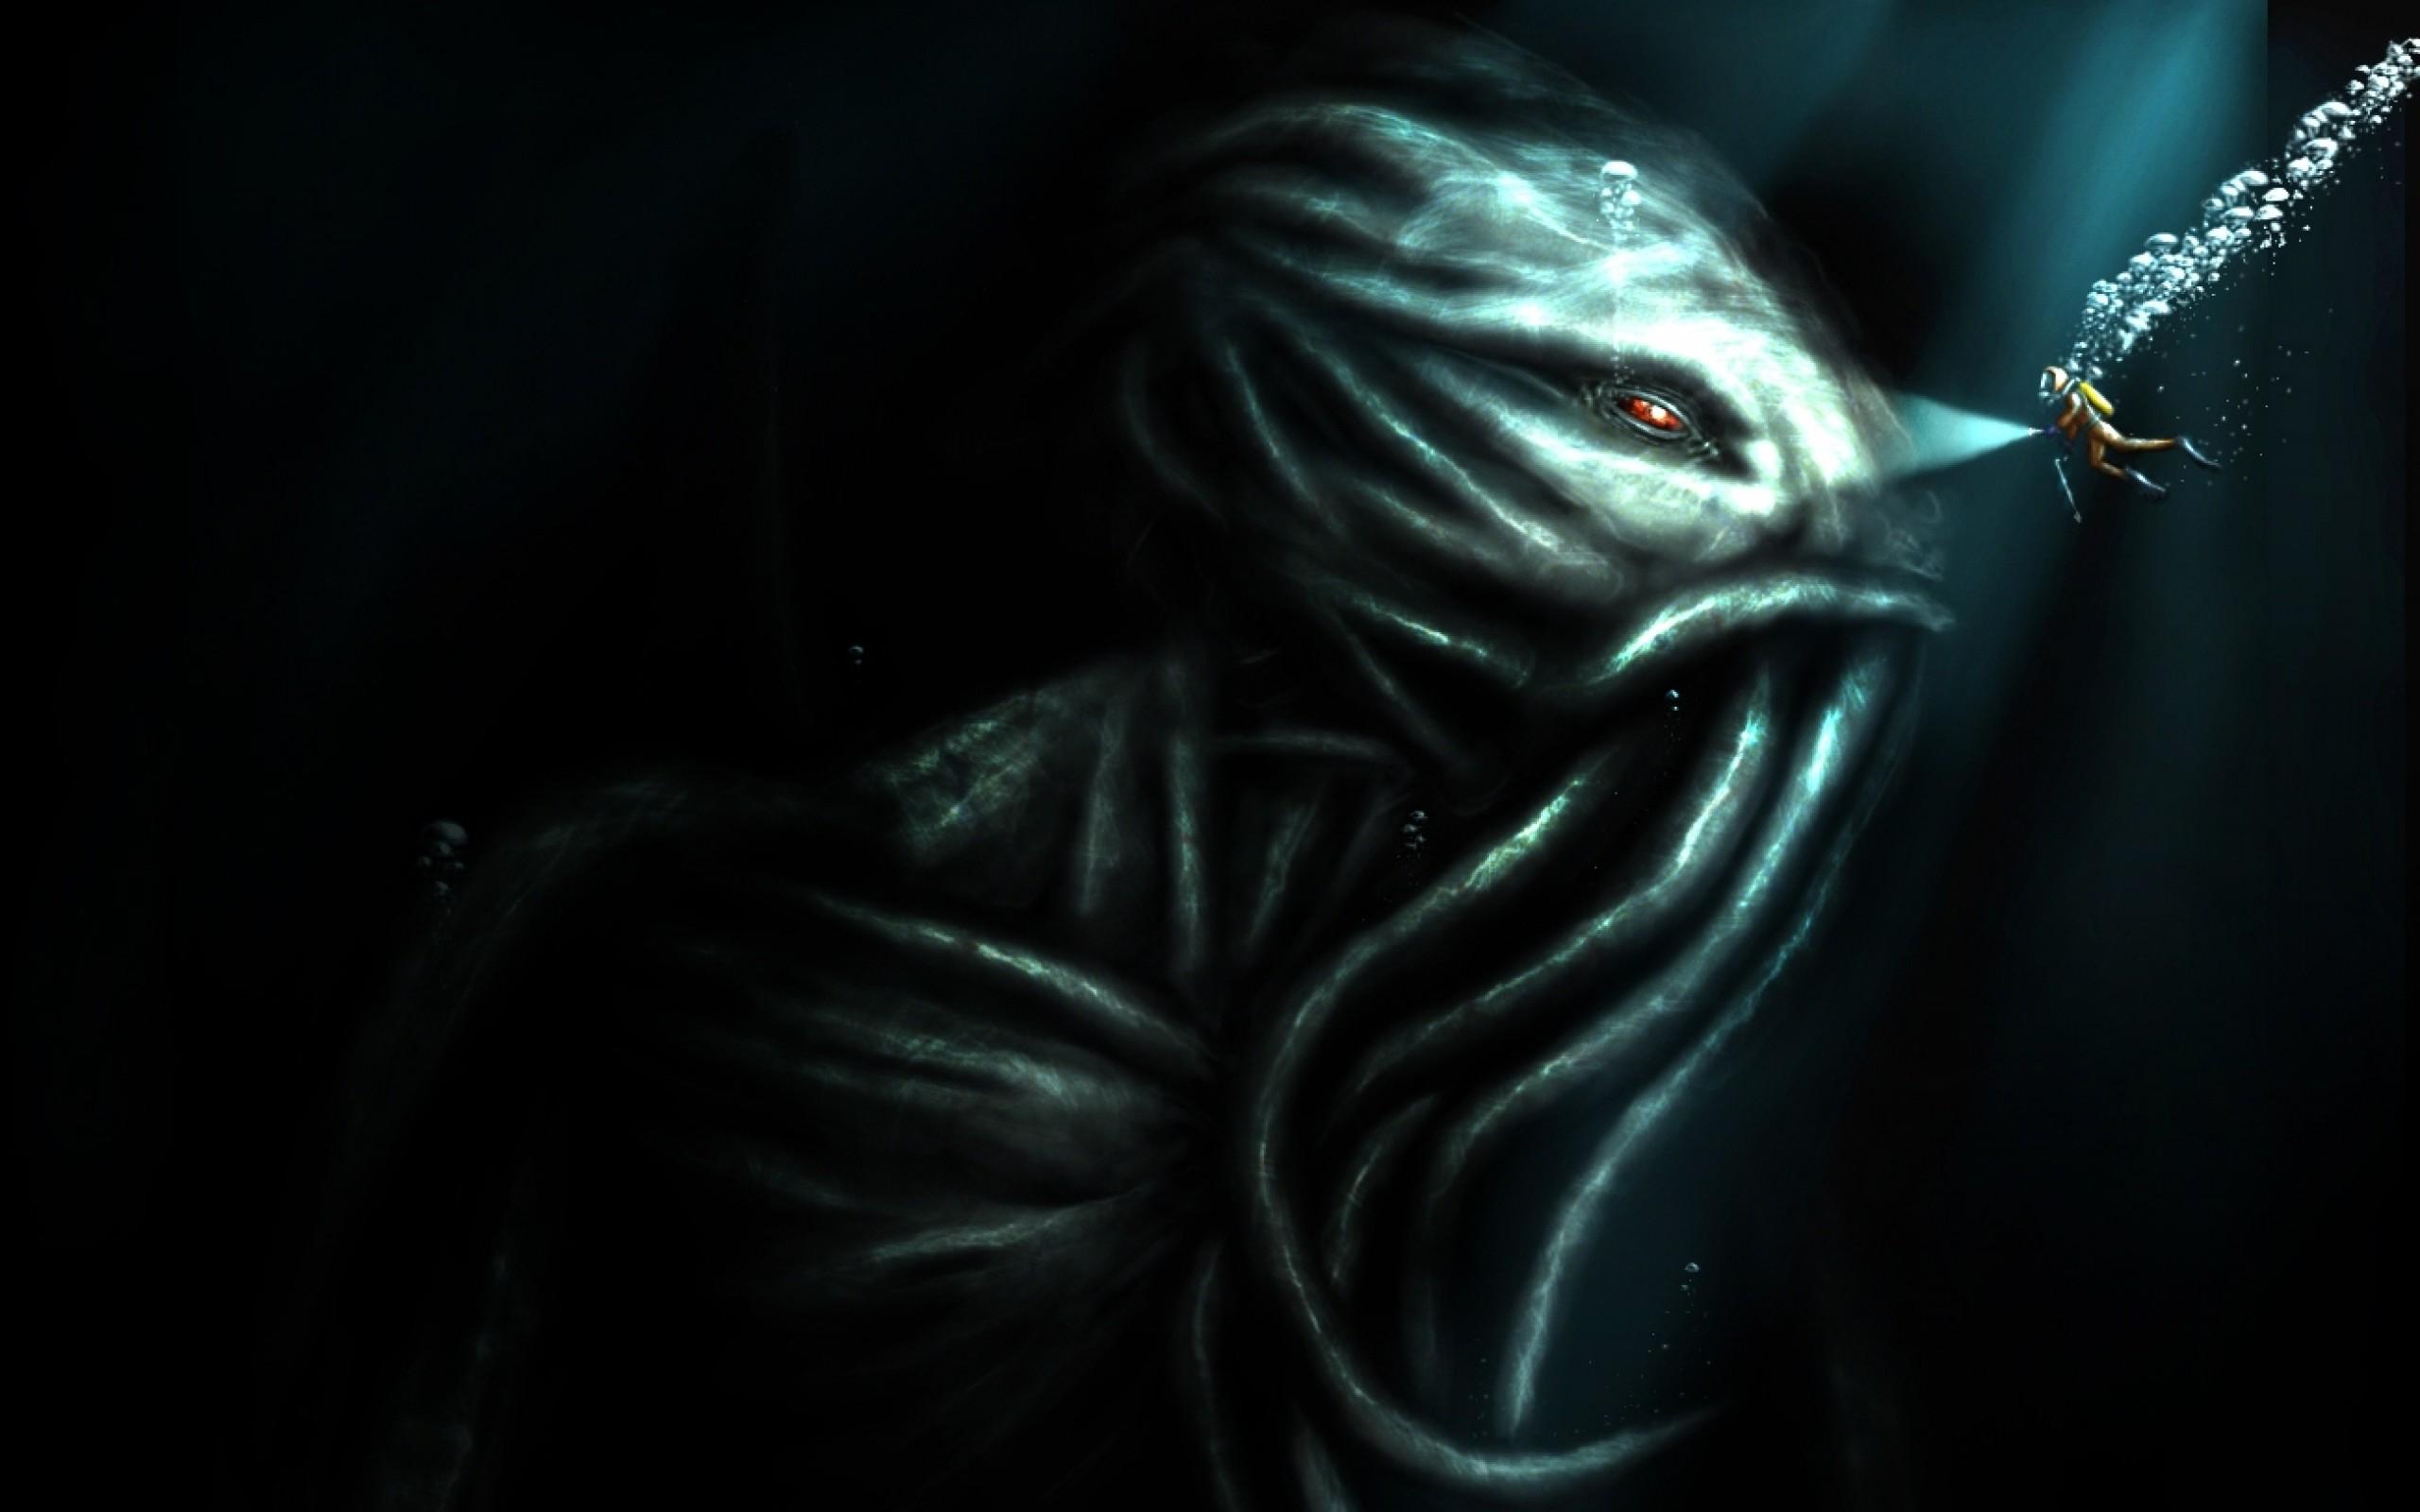 horror cthulhu scuba diving 1302×1021 wallpaper Art HD Wallpaper